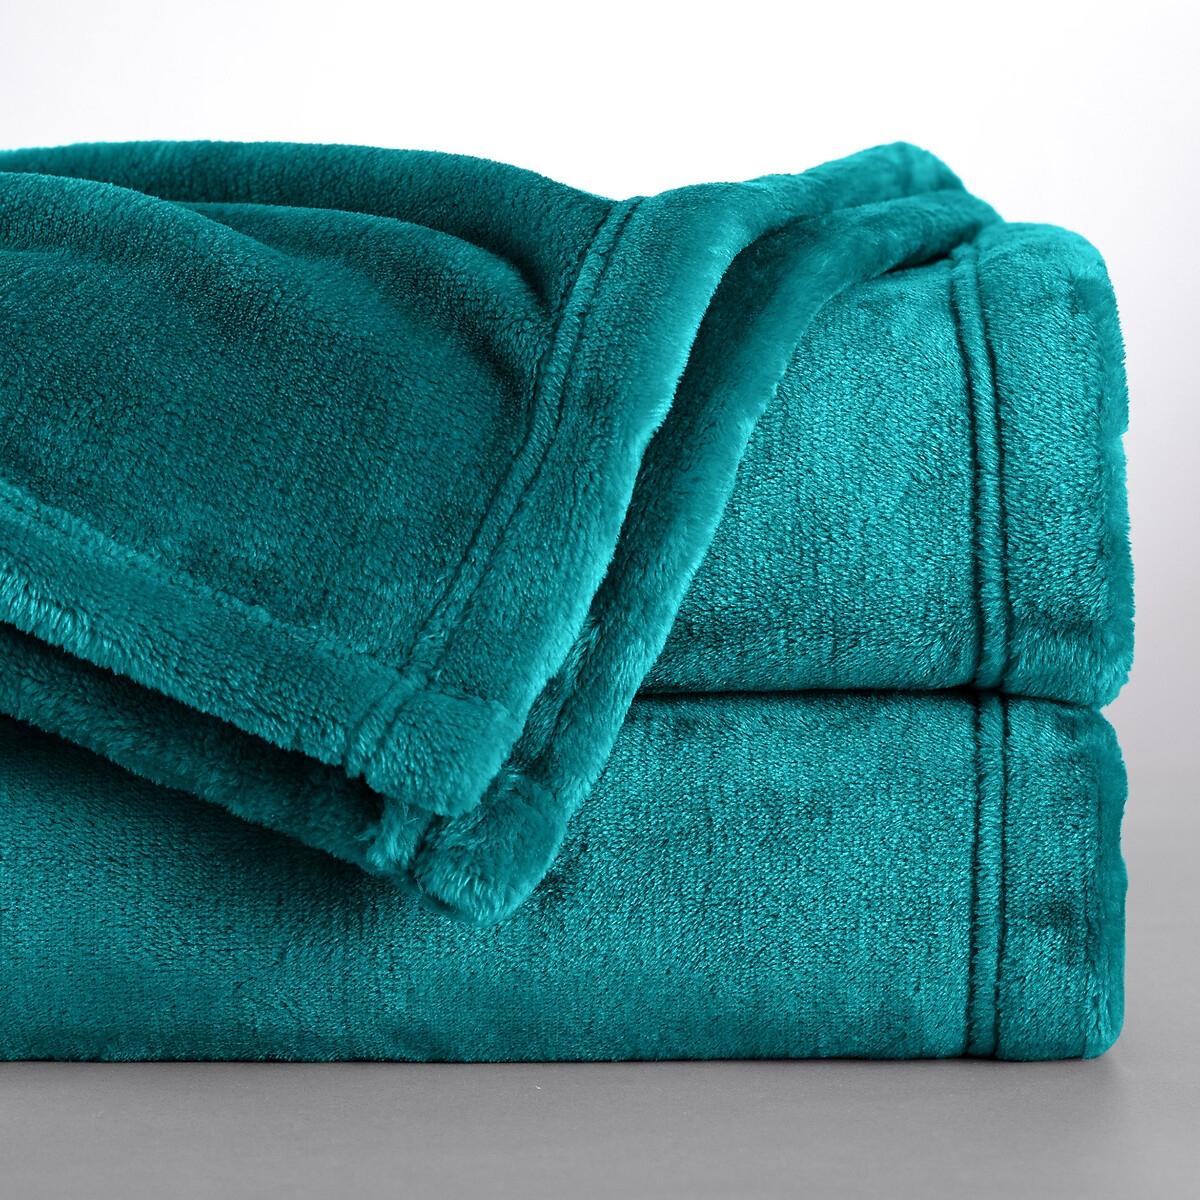 Фото - Одеяло LaRedoute Из микрофибры Mild 150 x 200 см зеленый одеяло laredoute pratique 100 полиэстер высшего качества 200 x 200 см белый